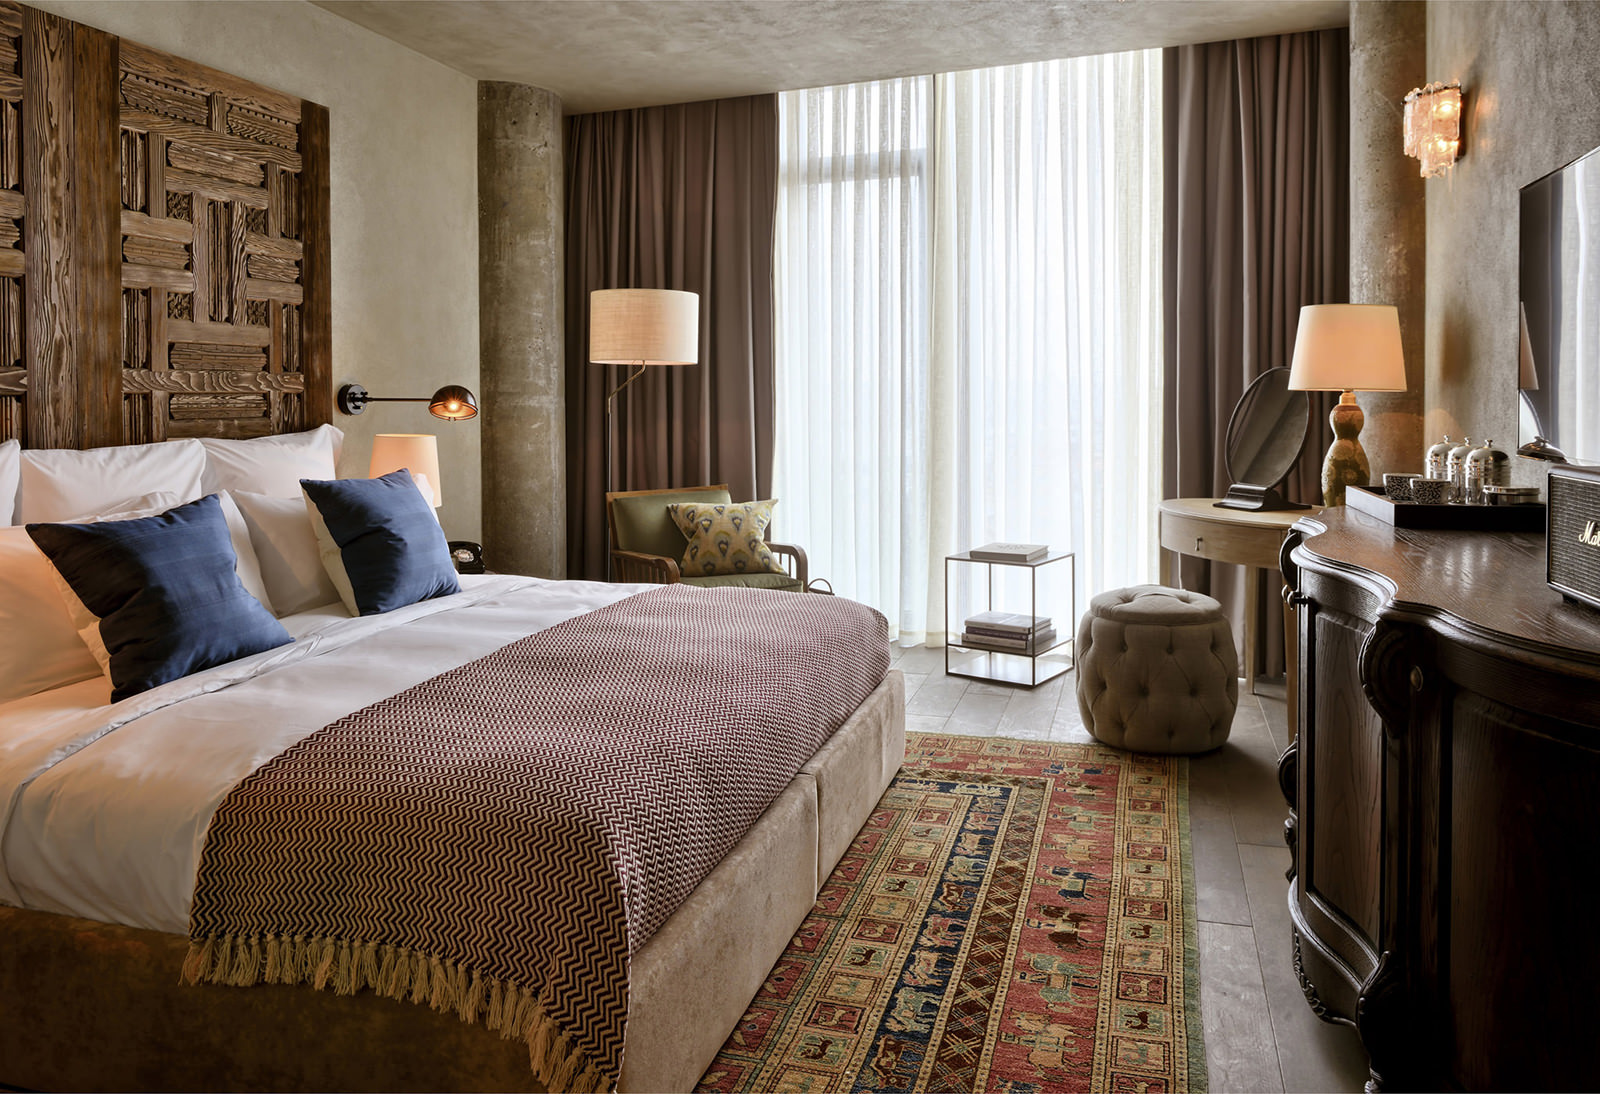 Уютная бежево-коричневая спальня